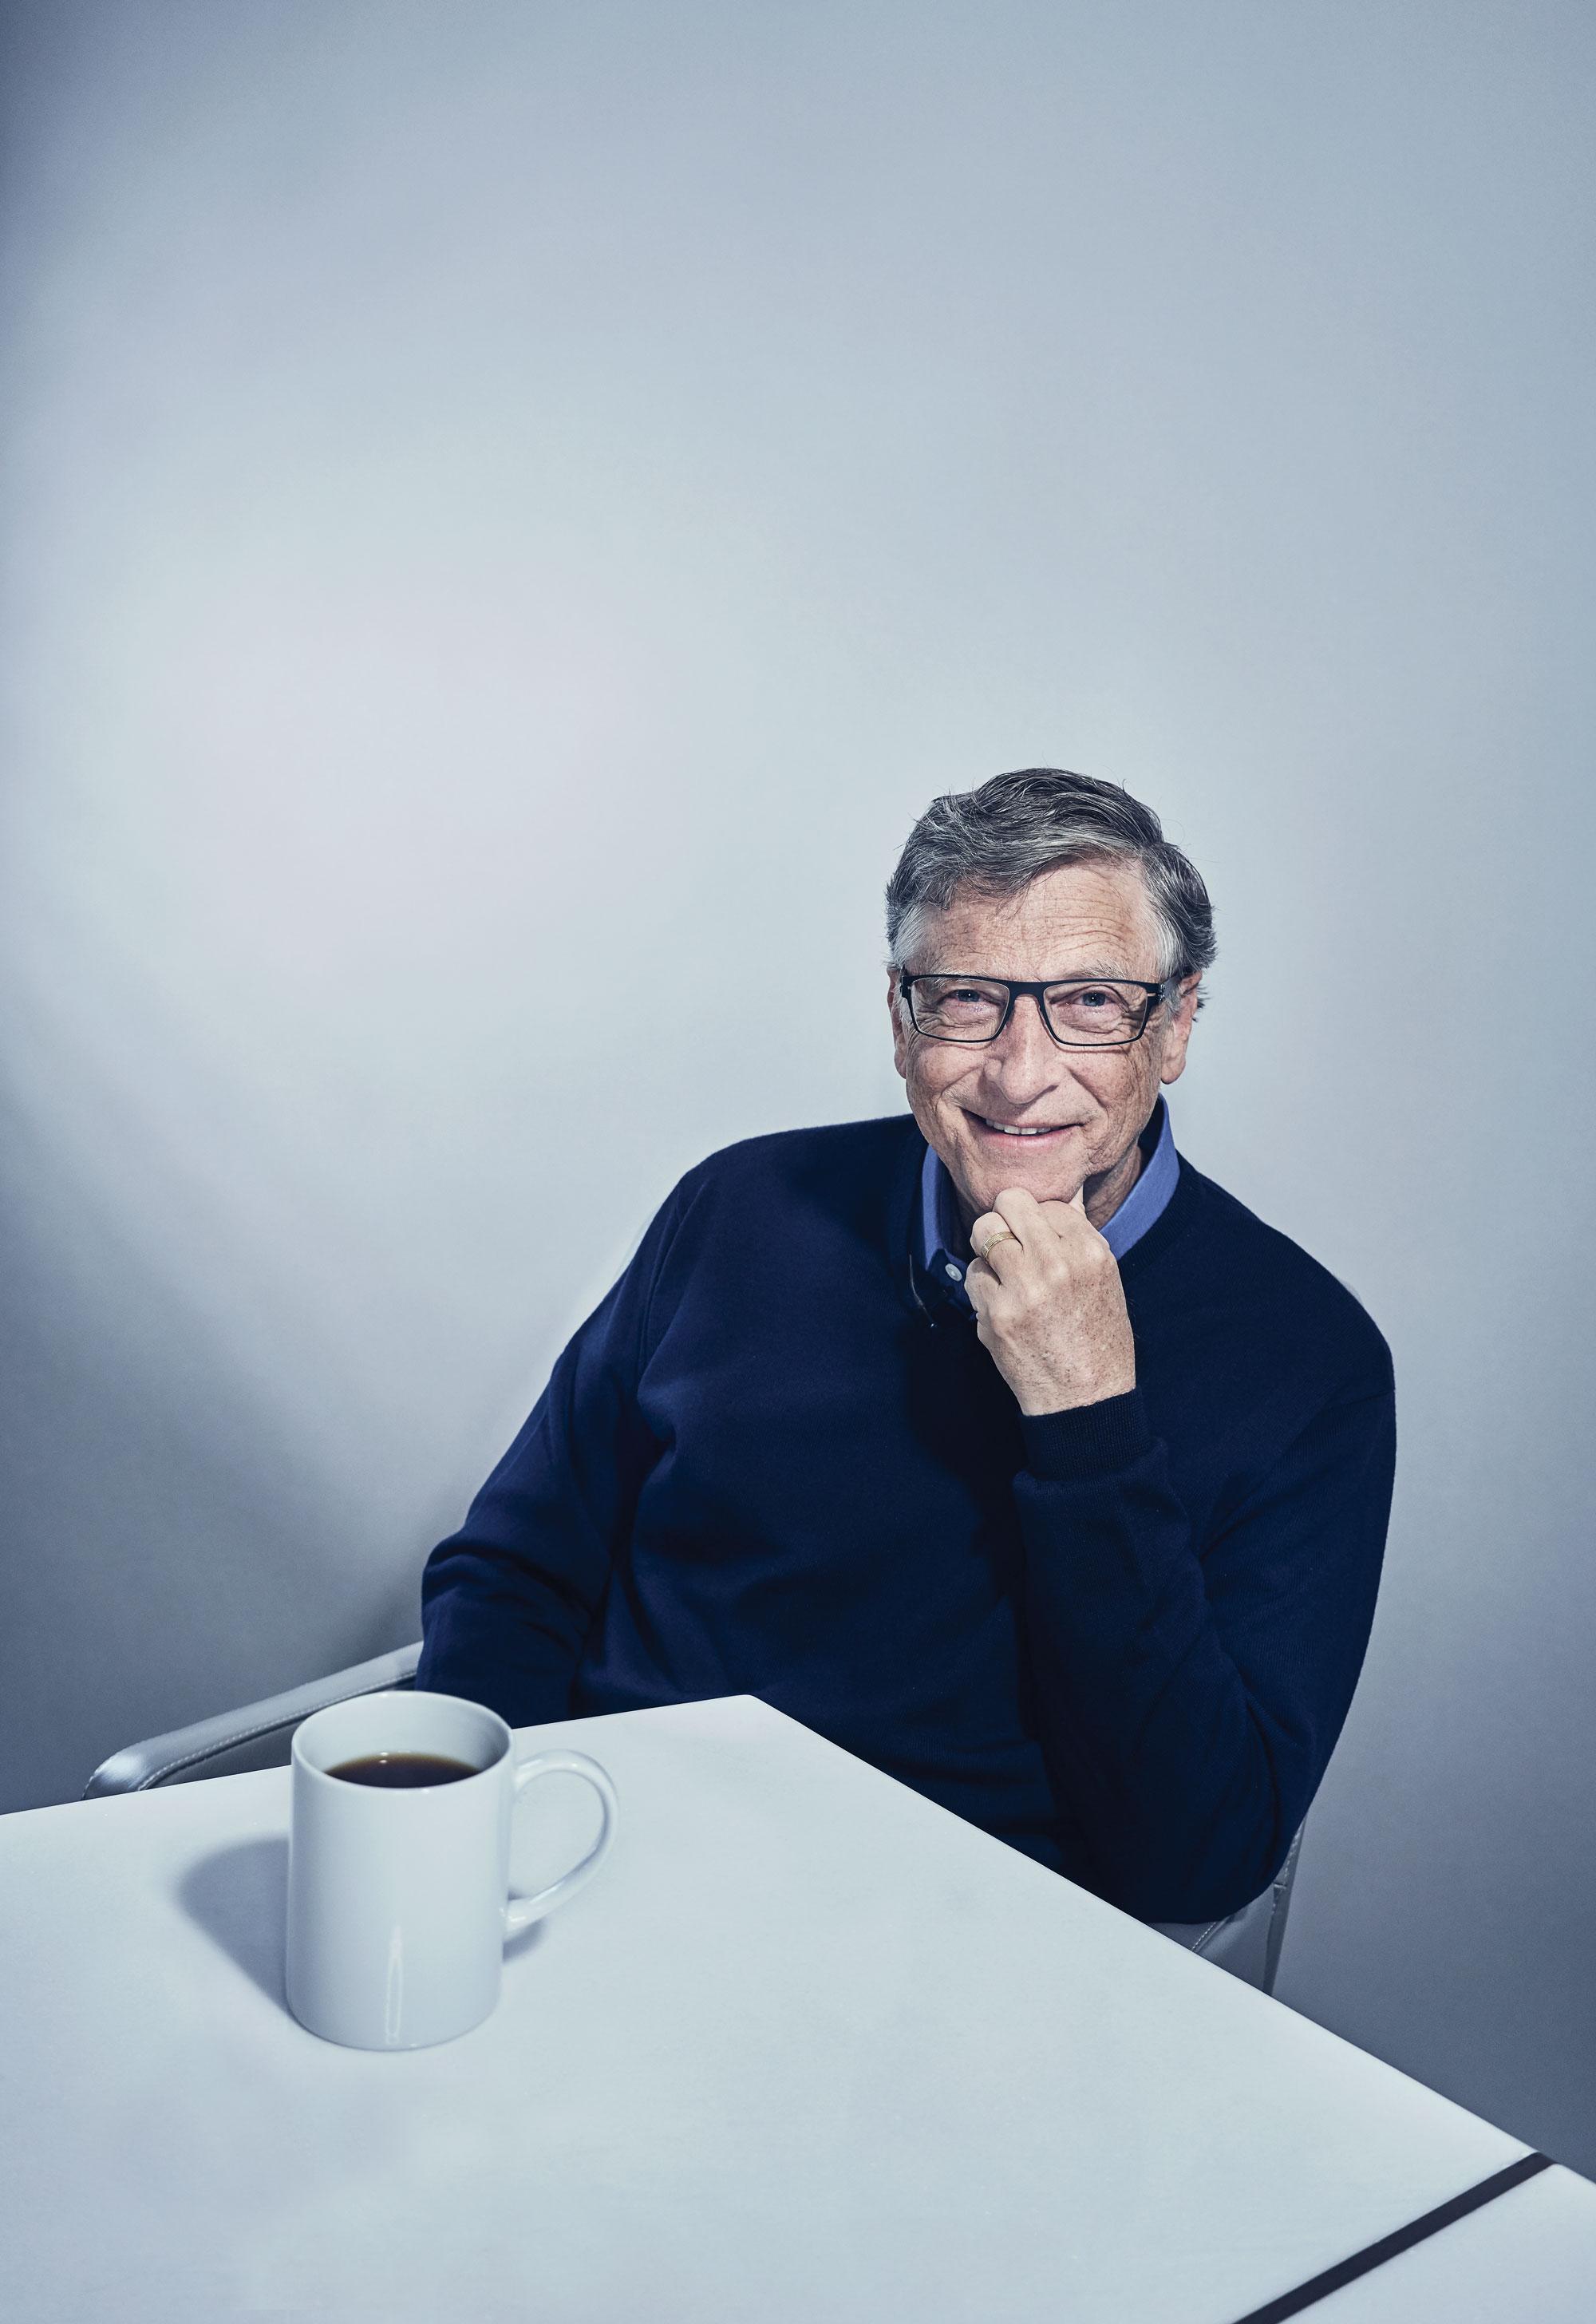 ビル・ゲイツ特別寄稿 「未来を発明する方法」